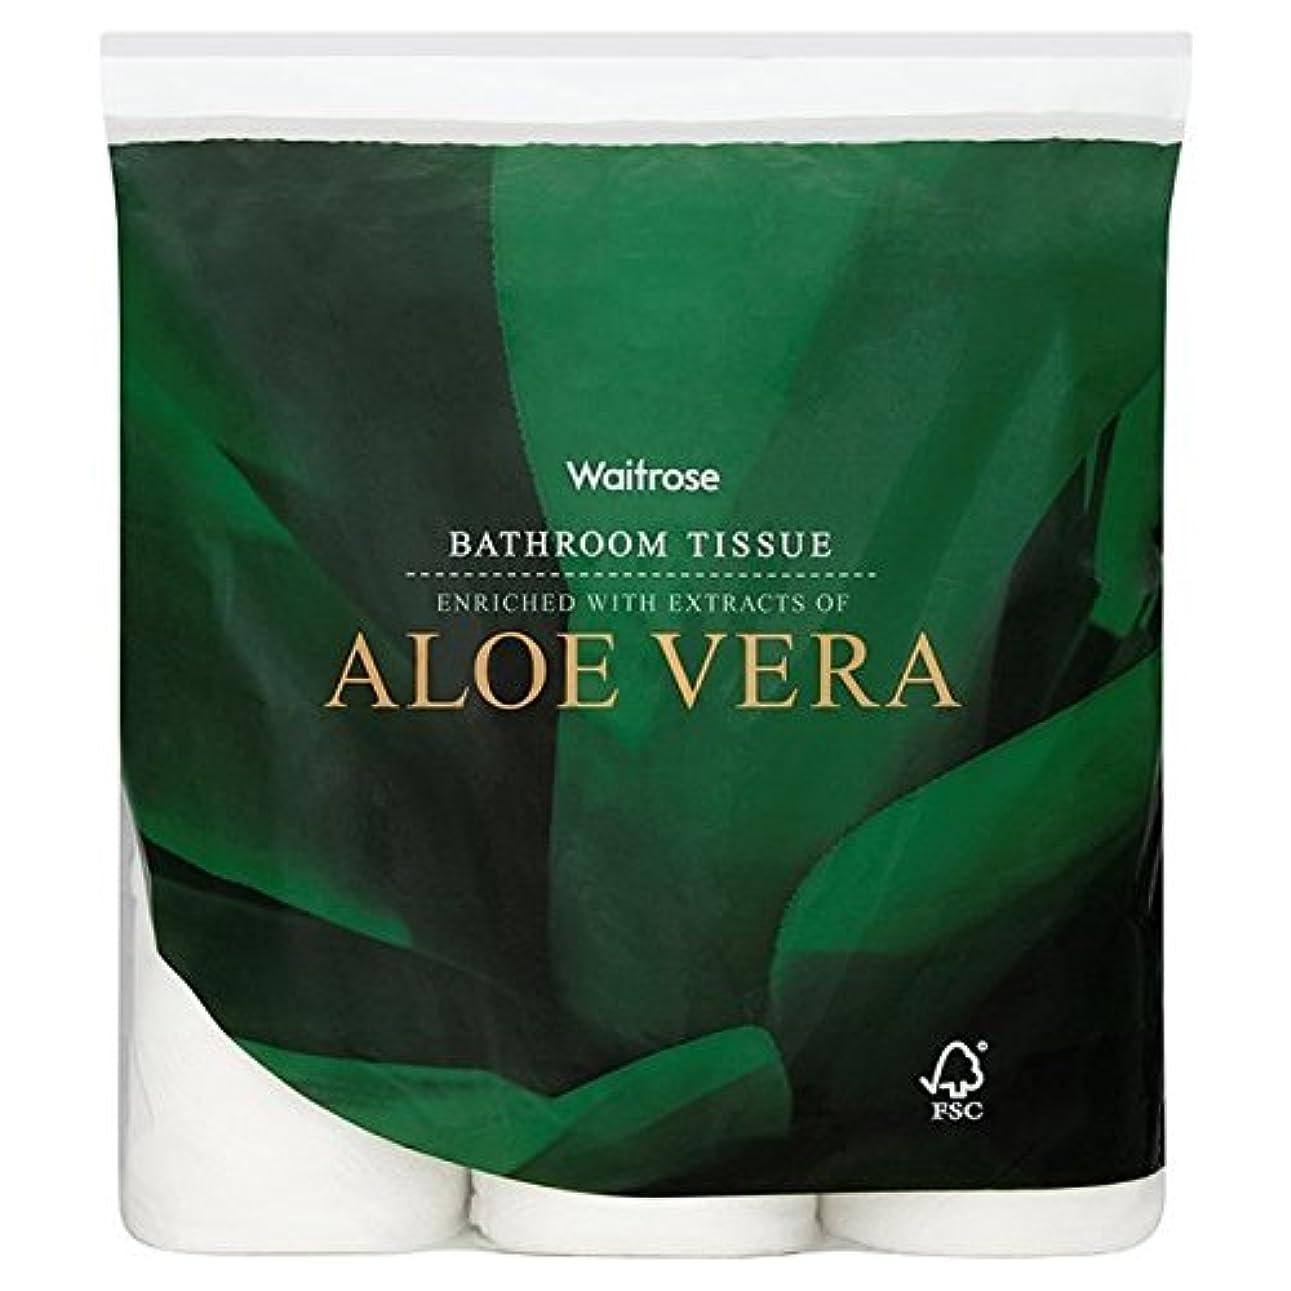 運搬子猫症候群Aloe Vera Bathroom Tissue White Waitrose 9 per pack - パックあたりアロエベラ浴室組織白ウェイトローズ9 [並行輸入品]